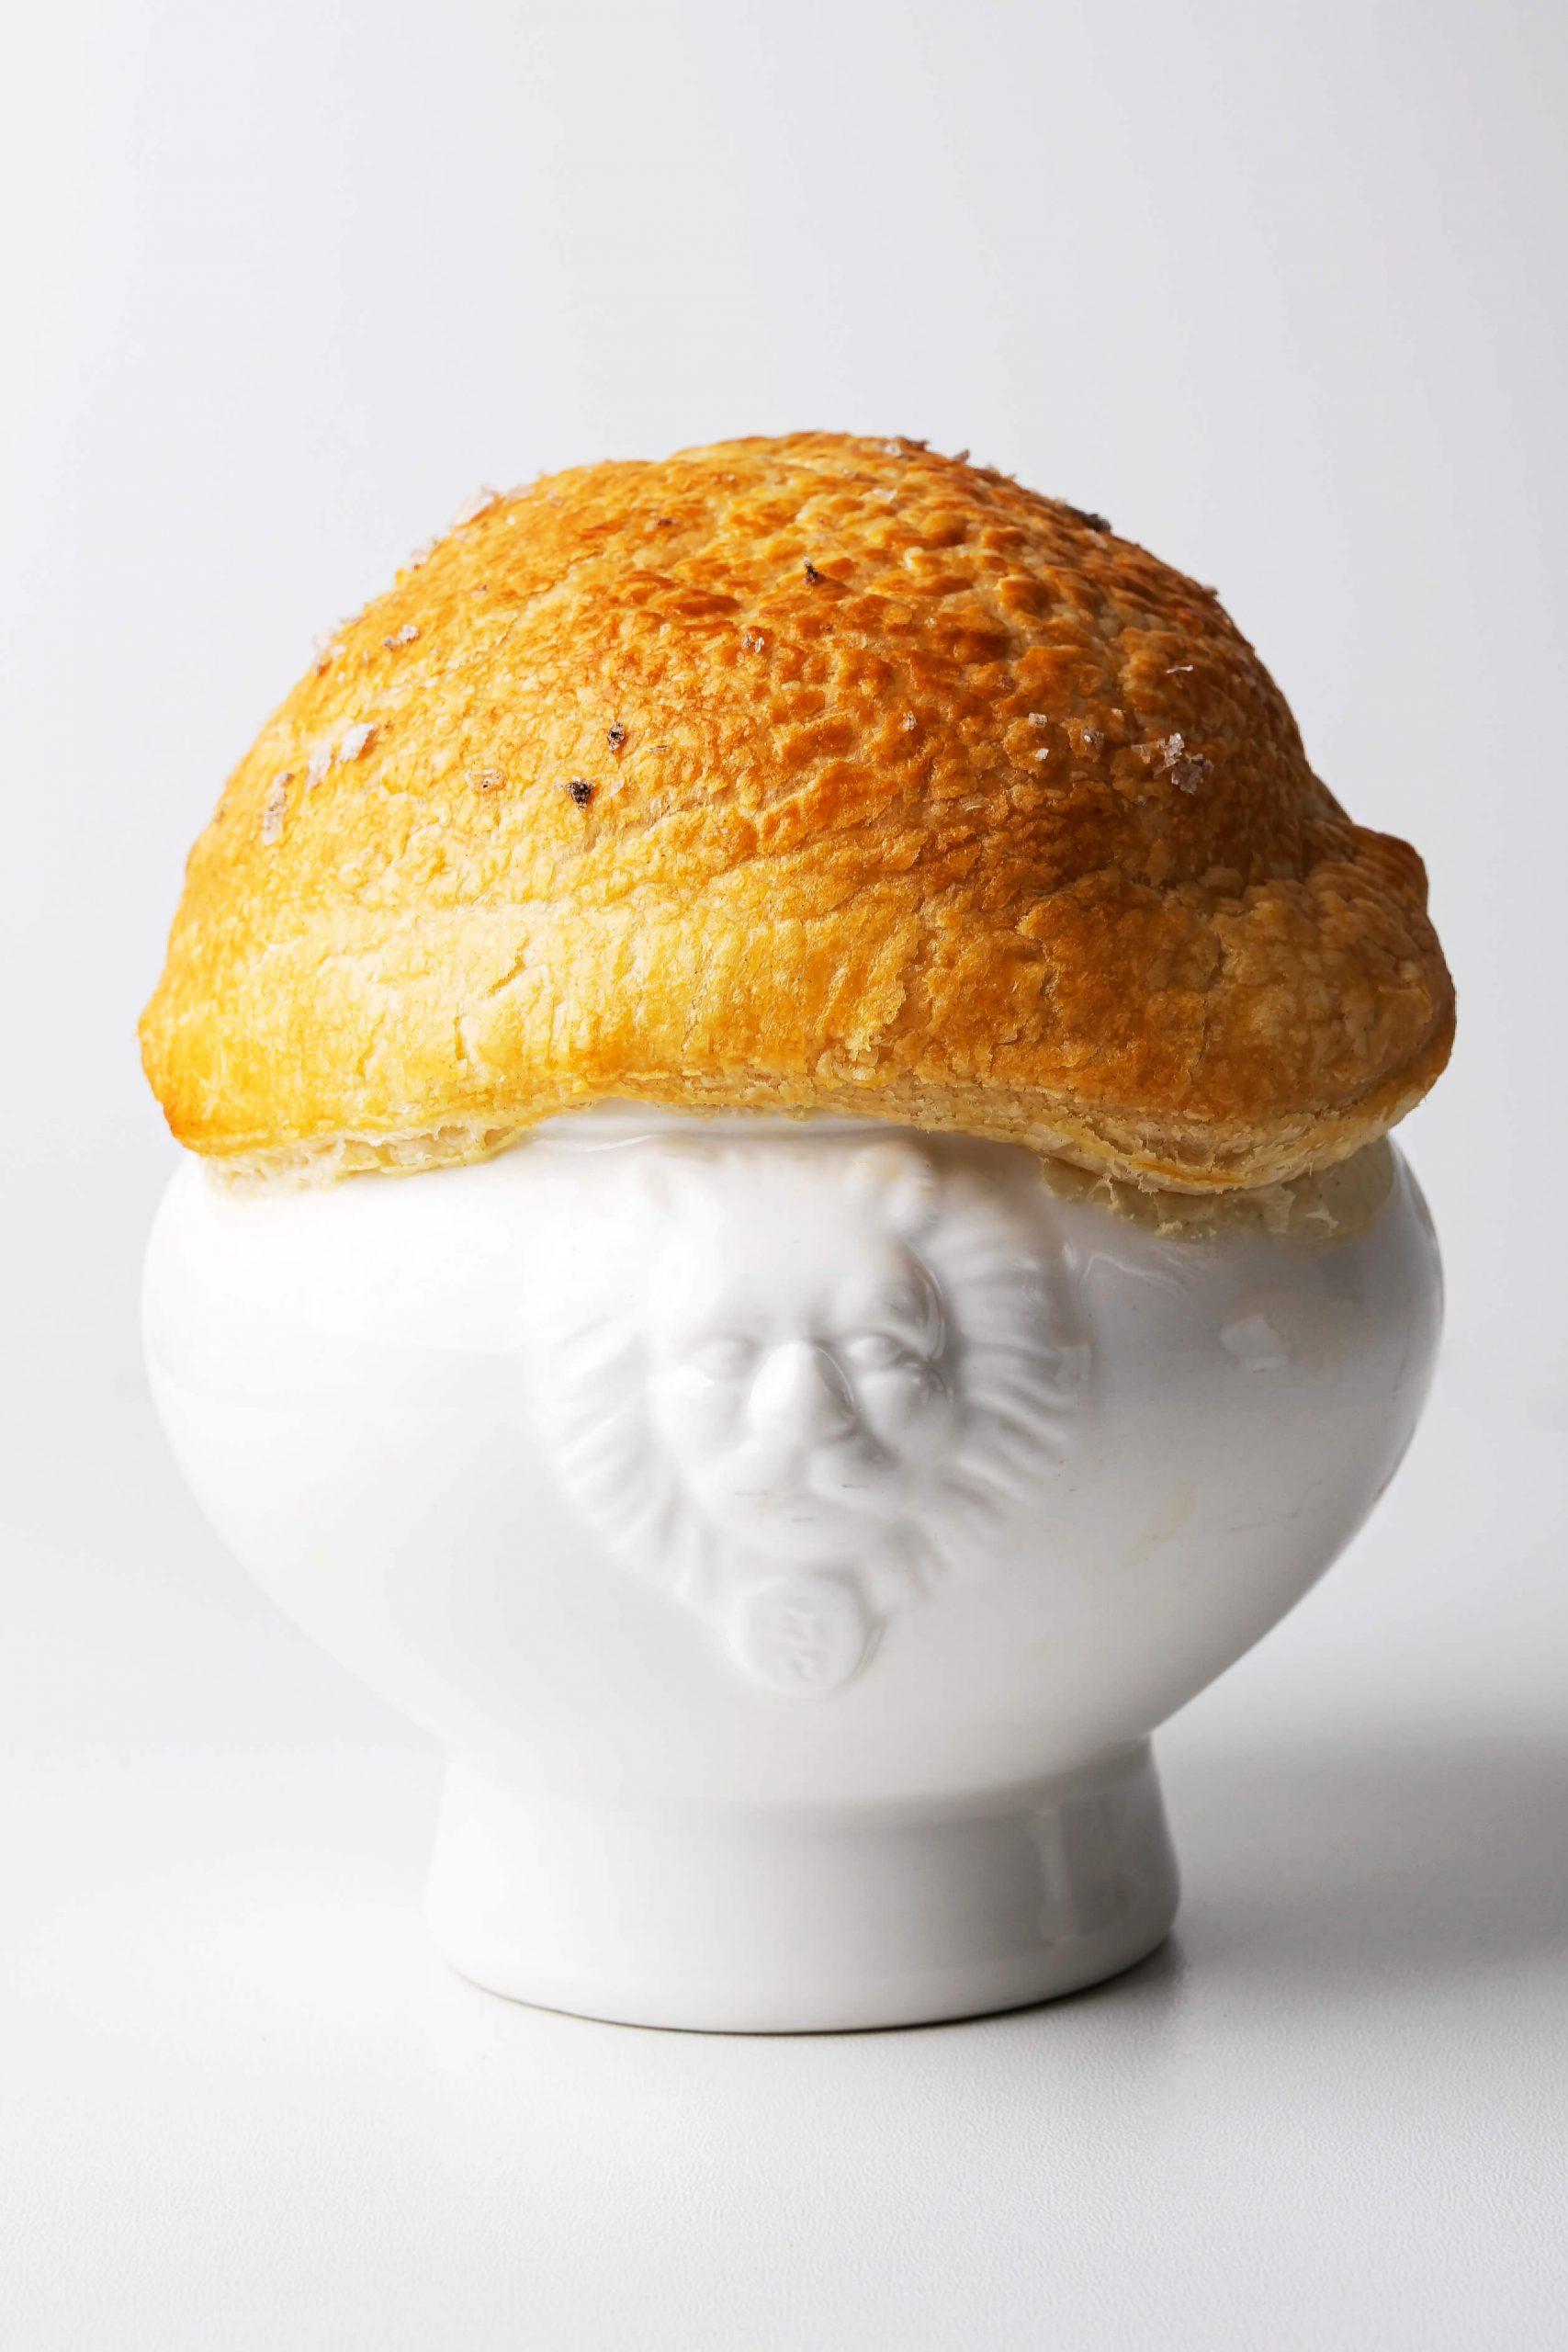 zupa rakowa fot. Joanna Ogorek scaled - Dzień Turystyki Kulinarnej - przepis na kaszubską zupę rakową